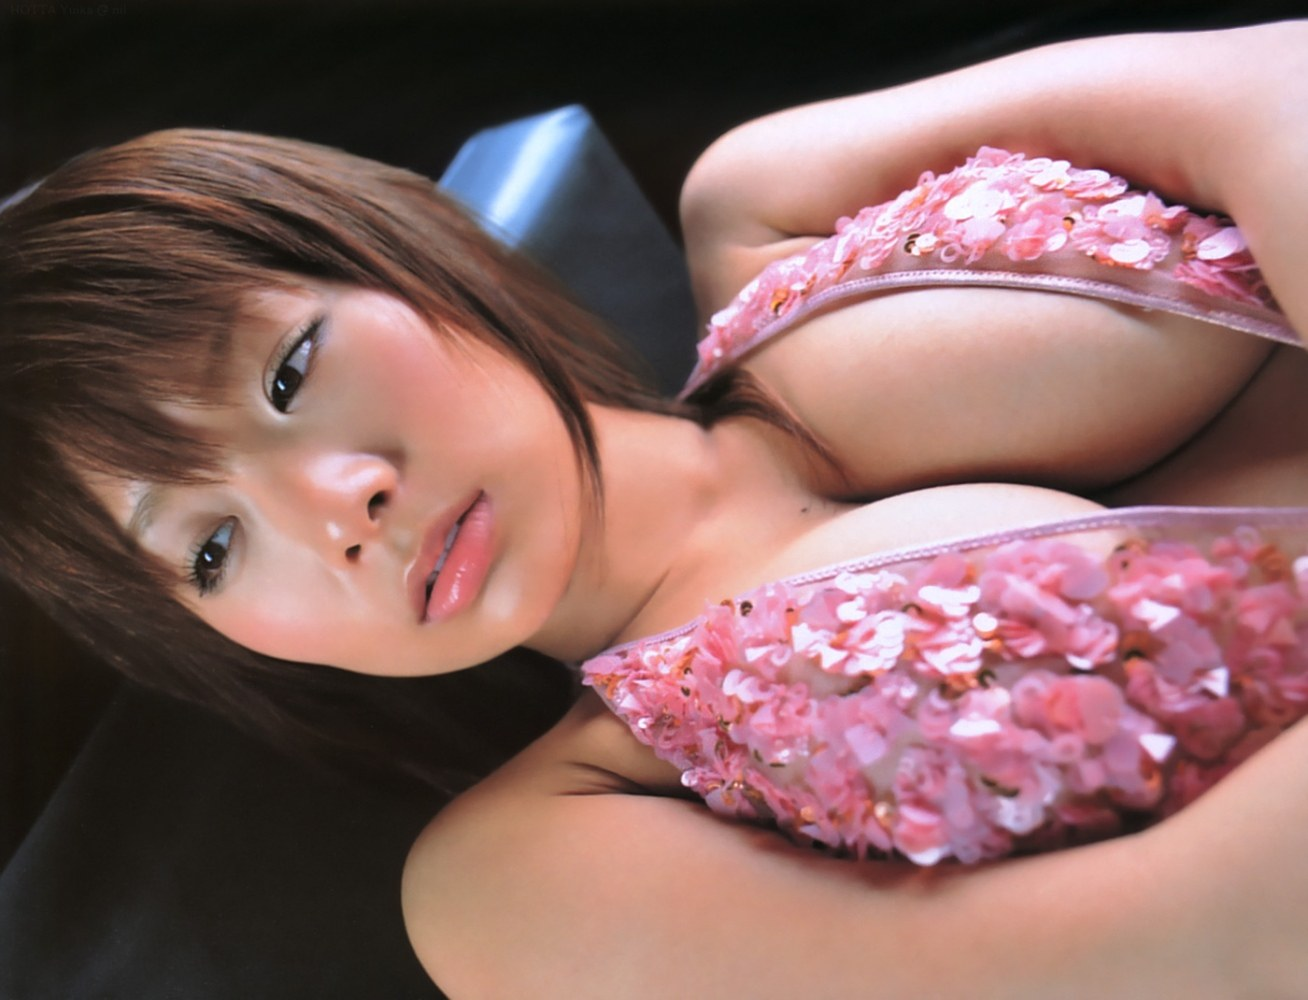 堀田ゆい夏 アイコラ の掲示板投稿写真&画像